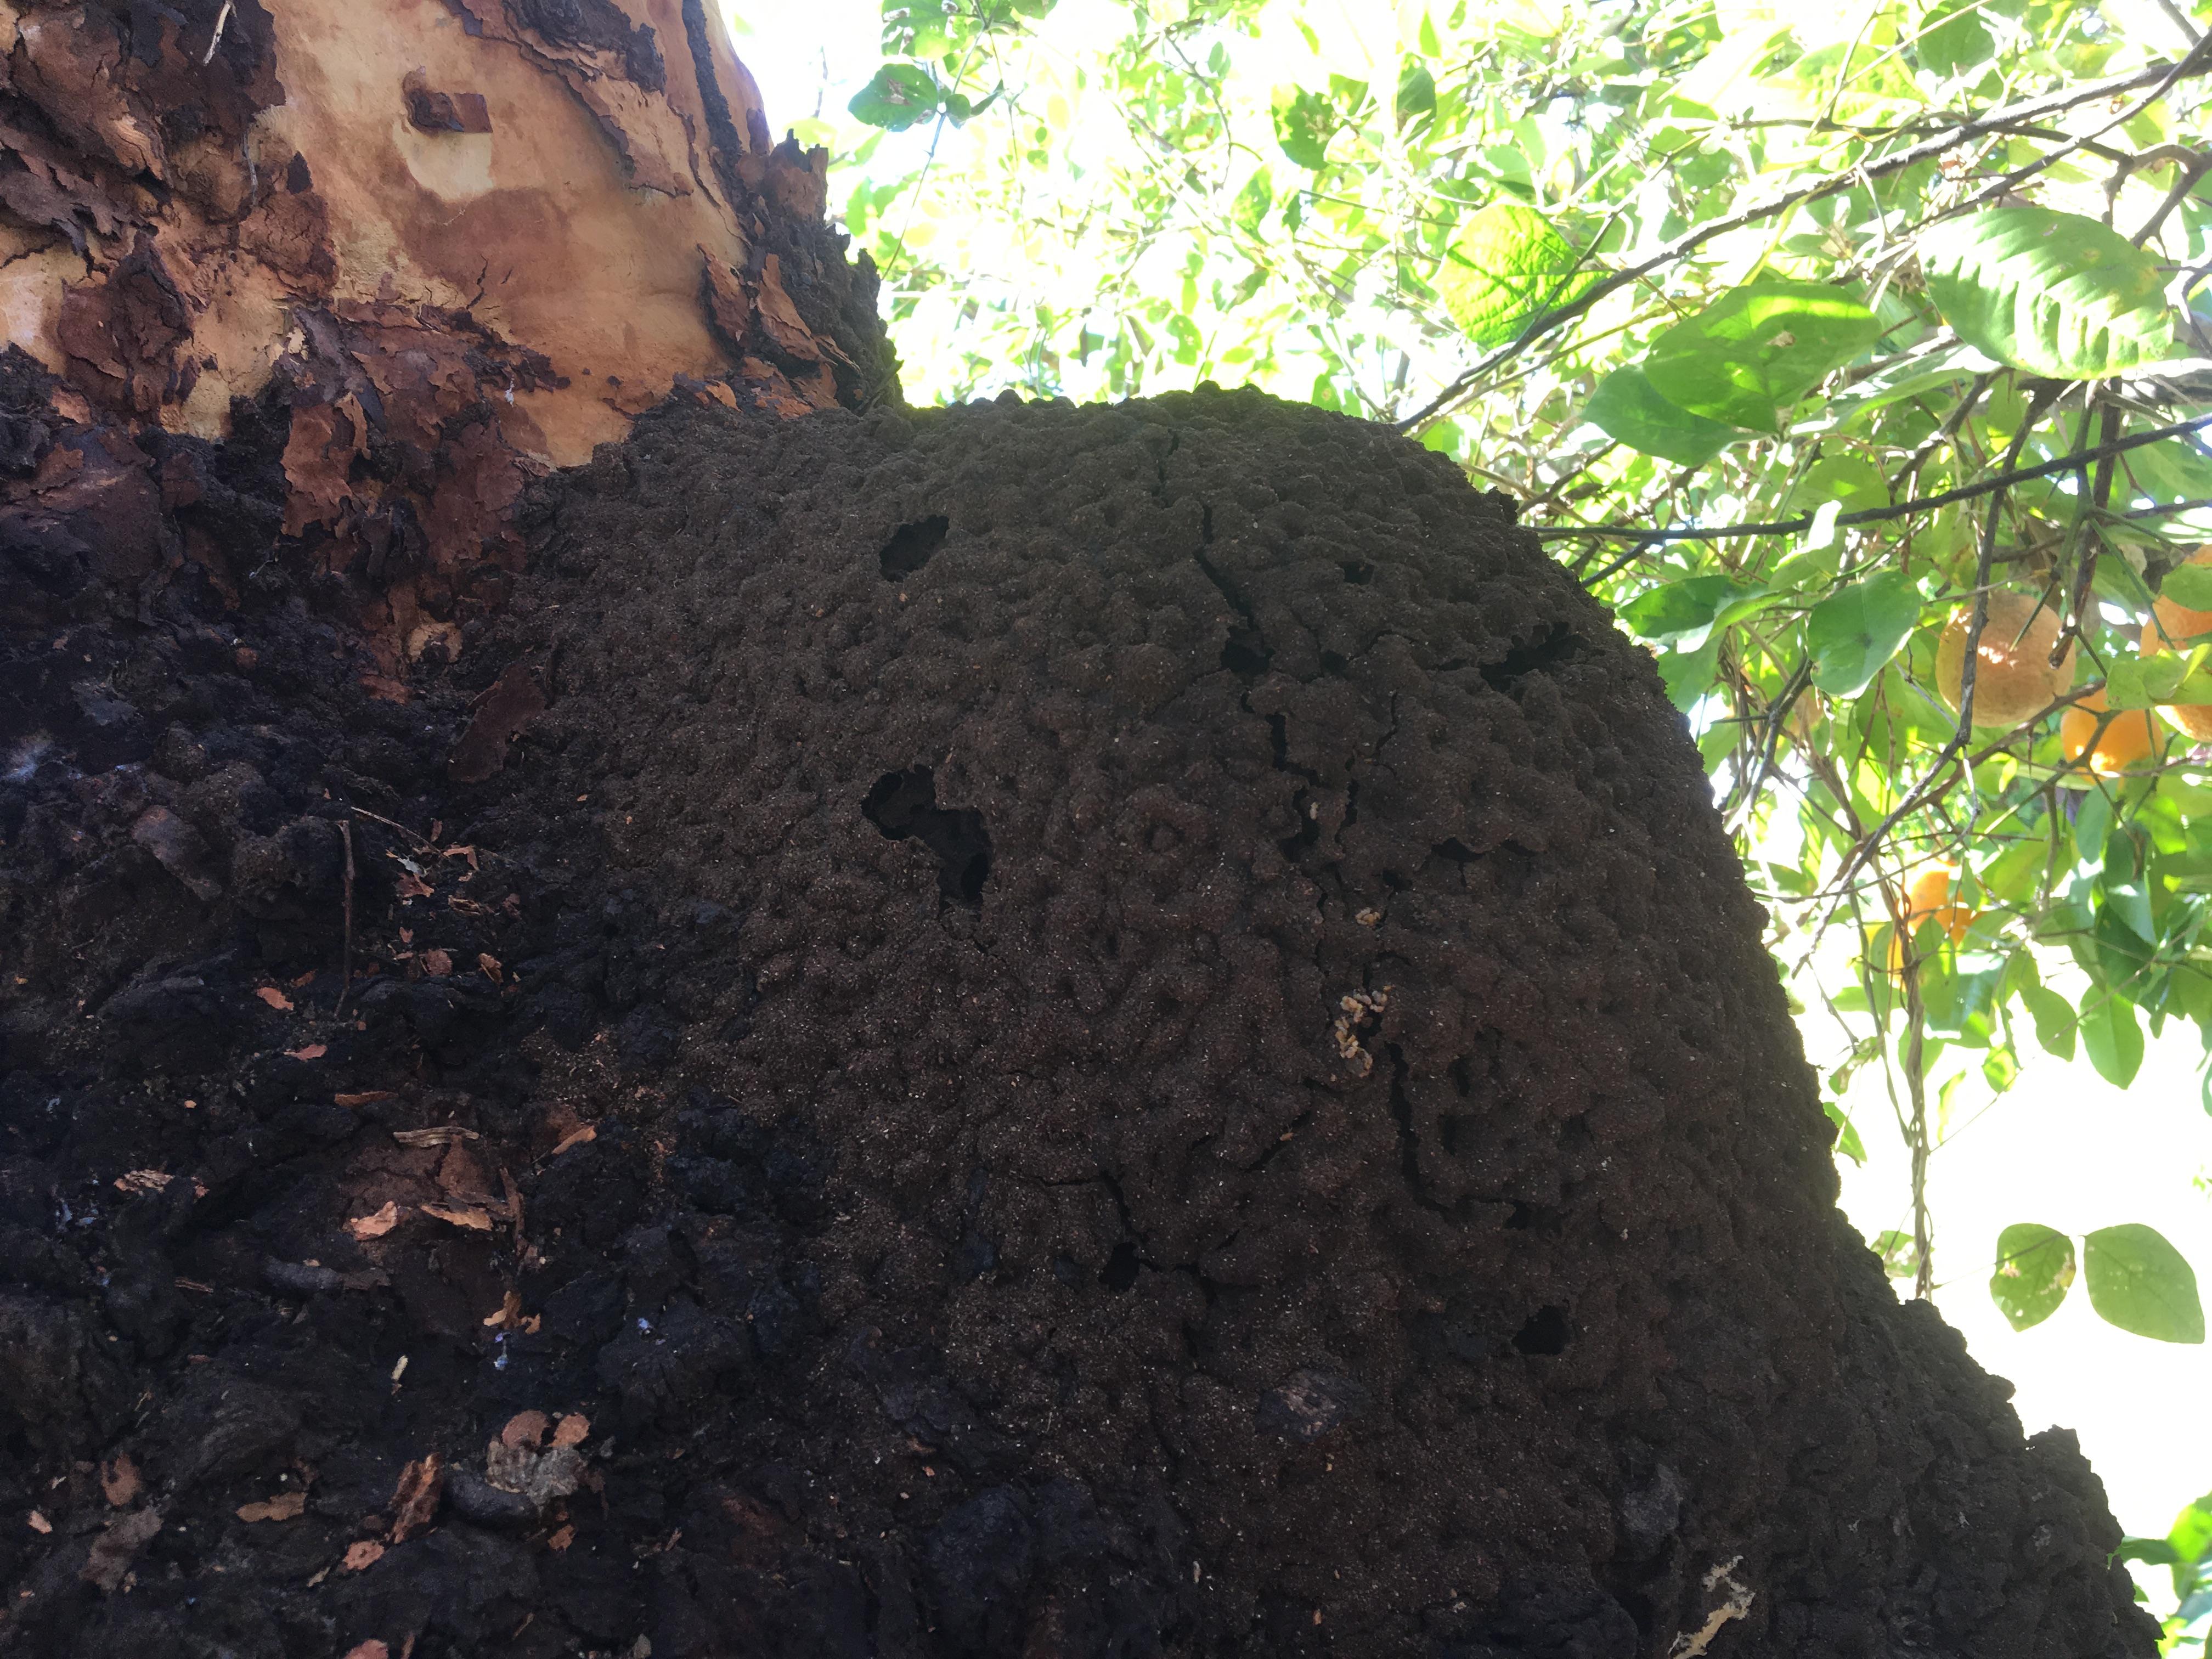 Termite nest - Nausititermes nest in Townsville